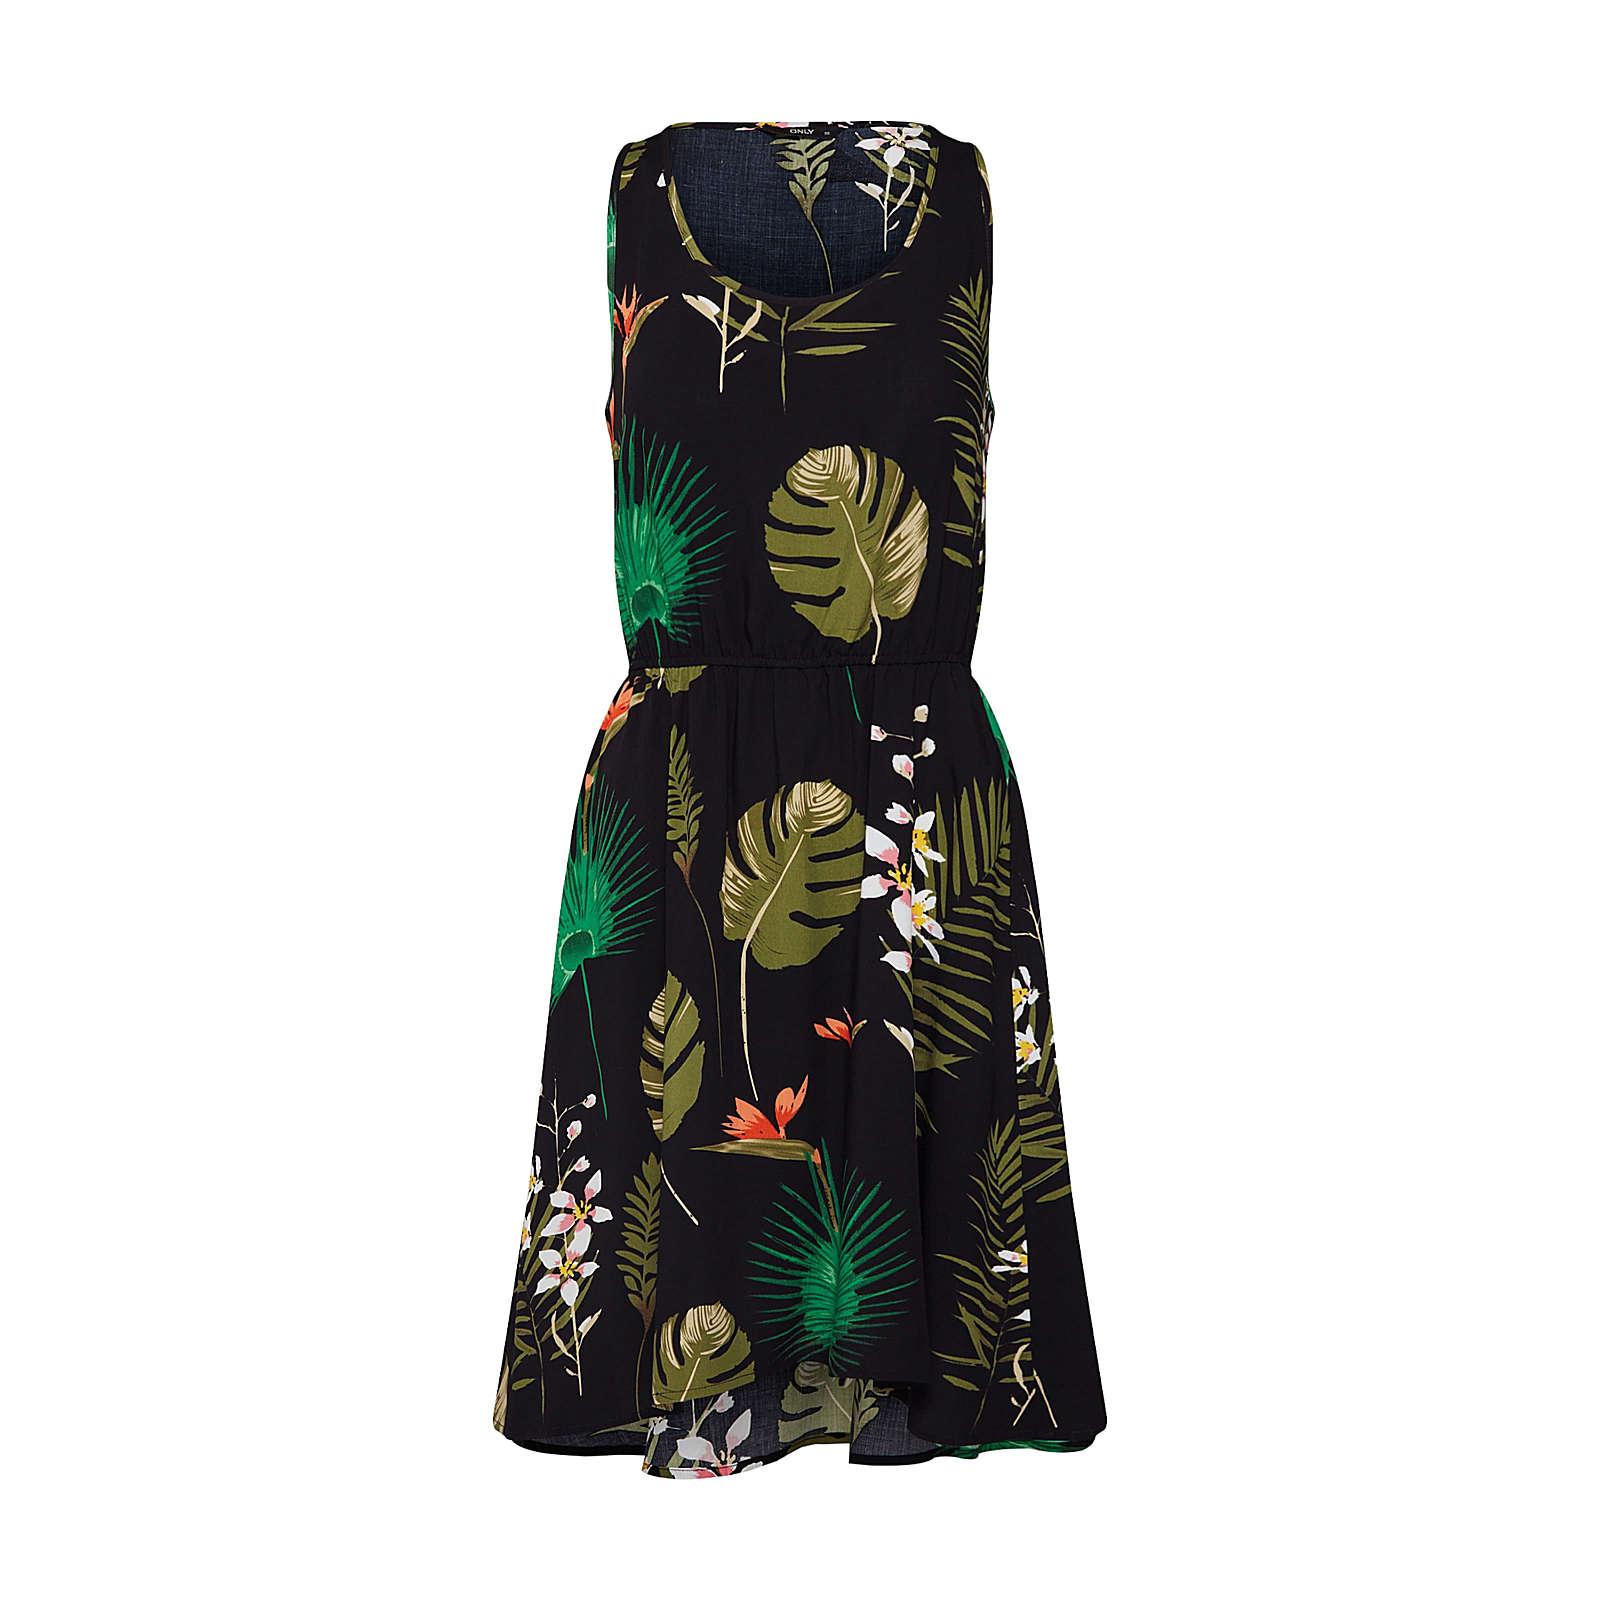 ONLY Sommerkleid FLORA Sommerkleider schwarz Damen Gr. 36